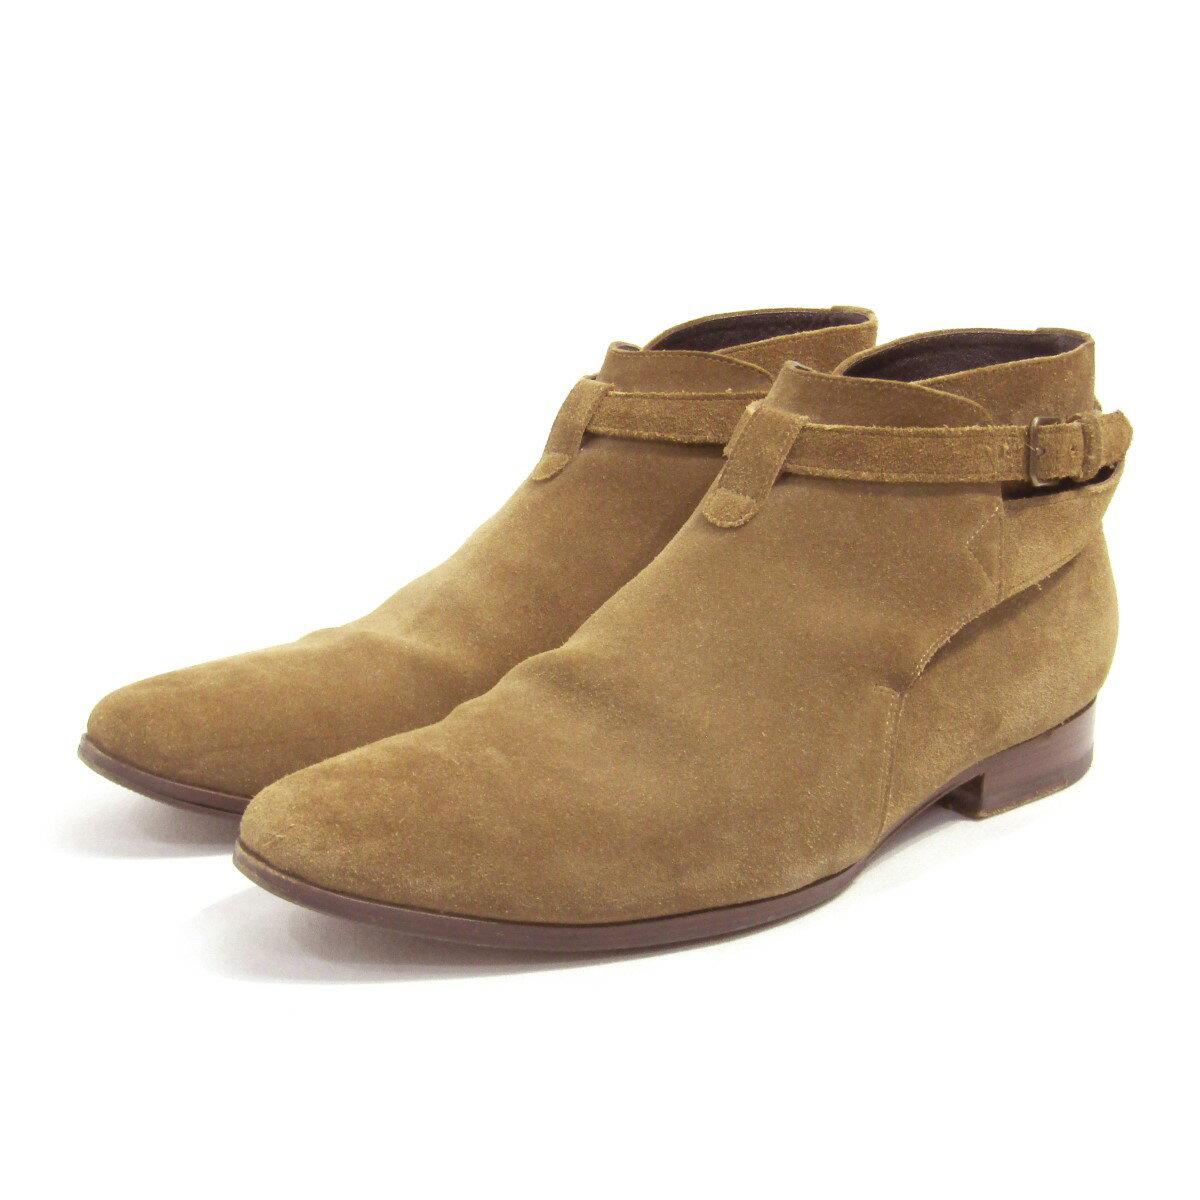 メンズ靴, その他 SAINT LAURENT PARIS JODHPUR SUEDE ANKLE BOOTS 41 280721